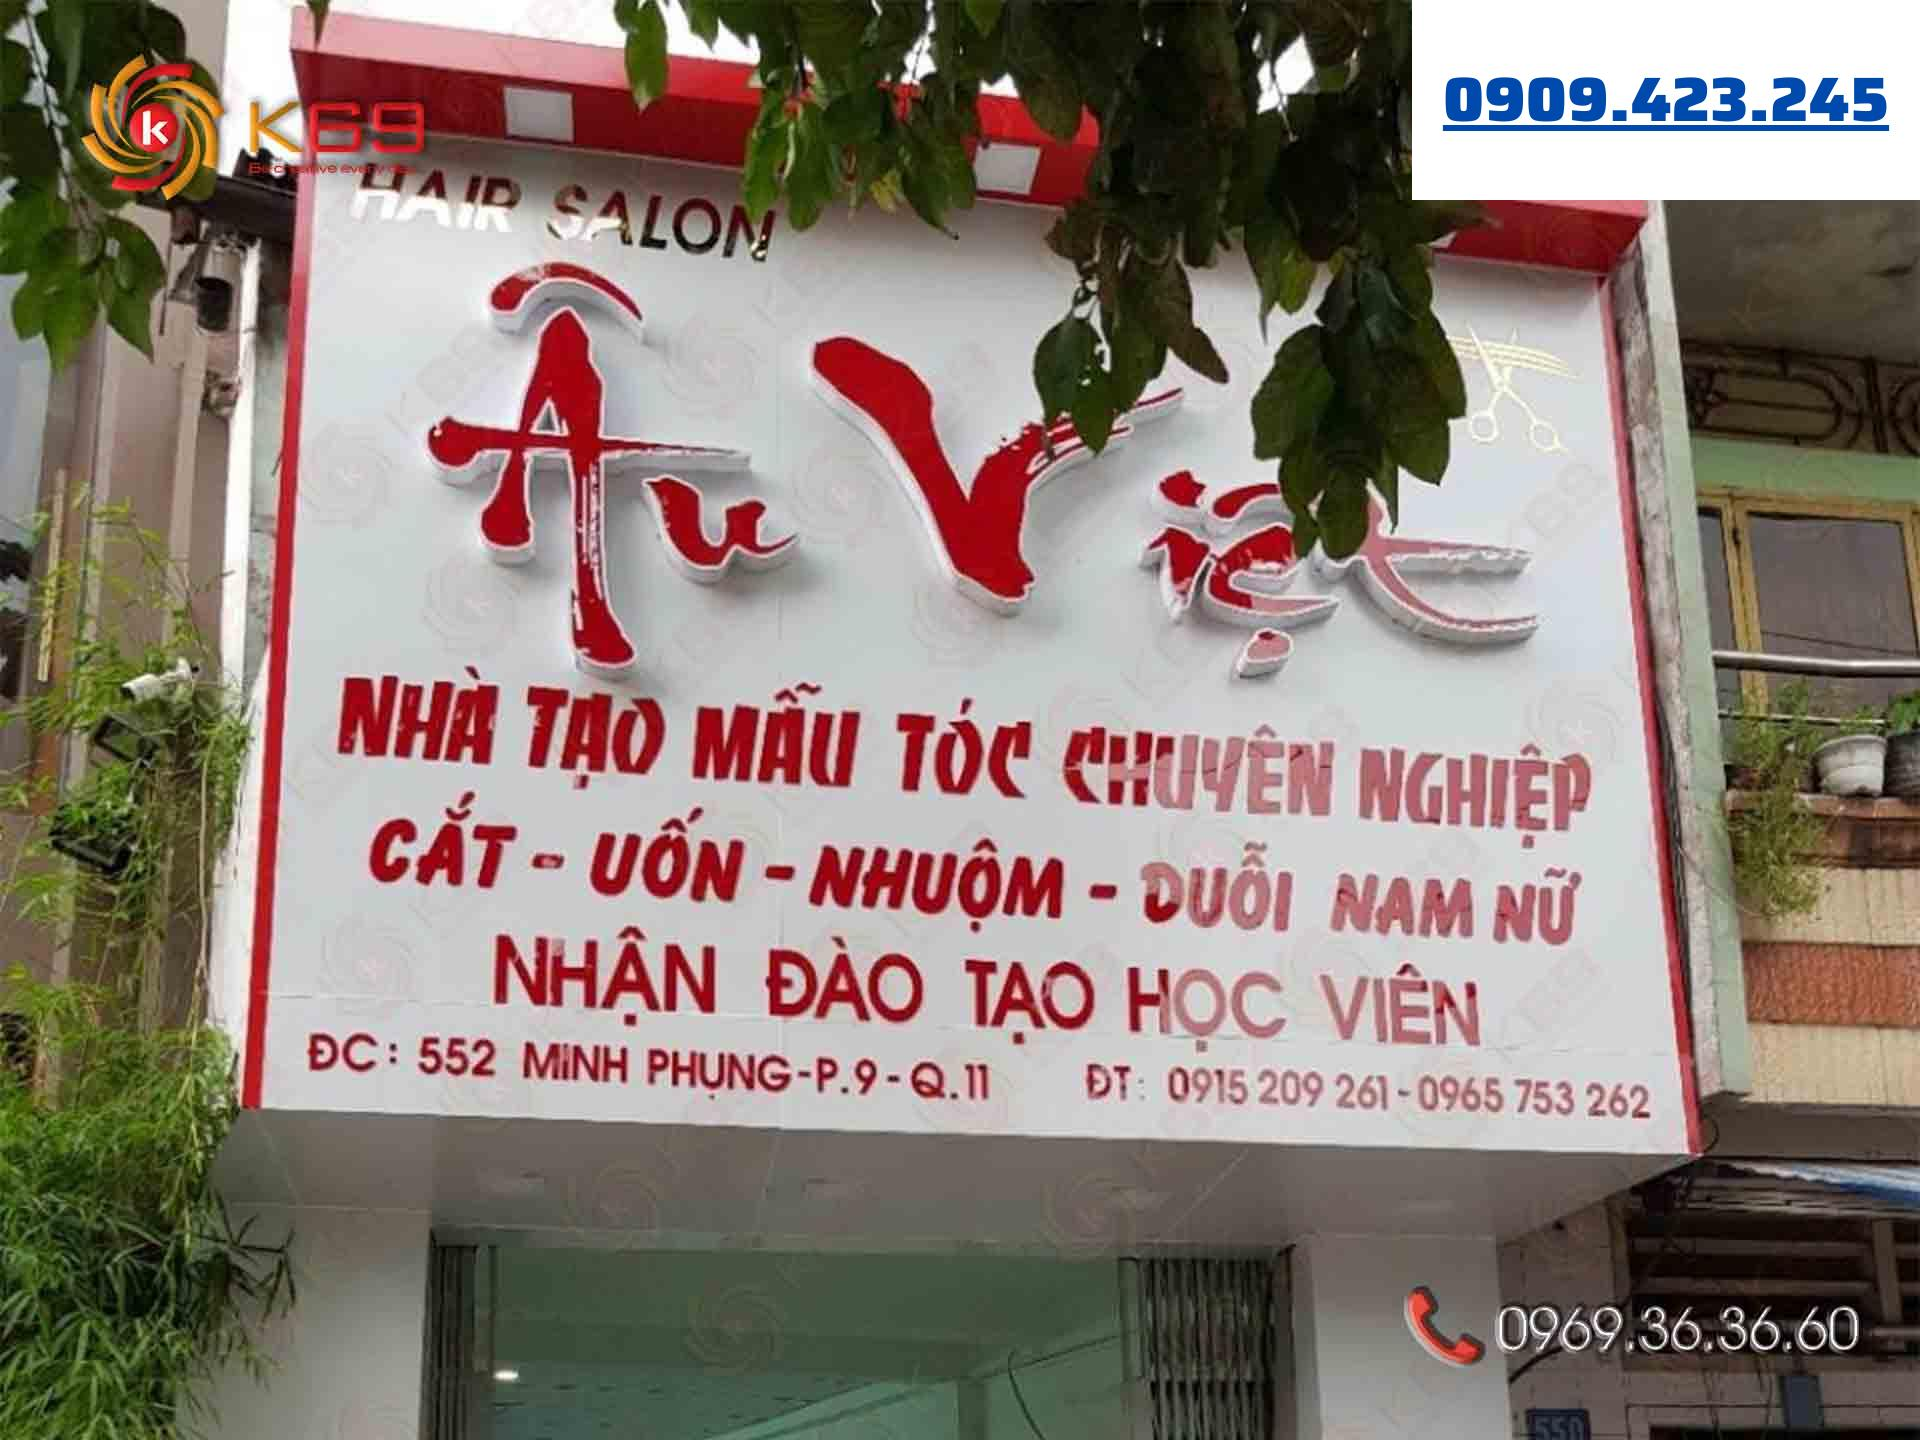 Mẫu bảng hiệu Hair Salon Âu Việt đẹp tại K69adv